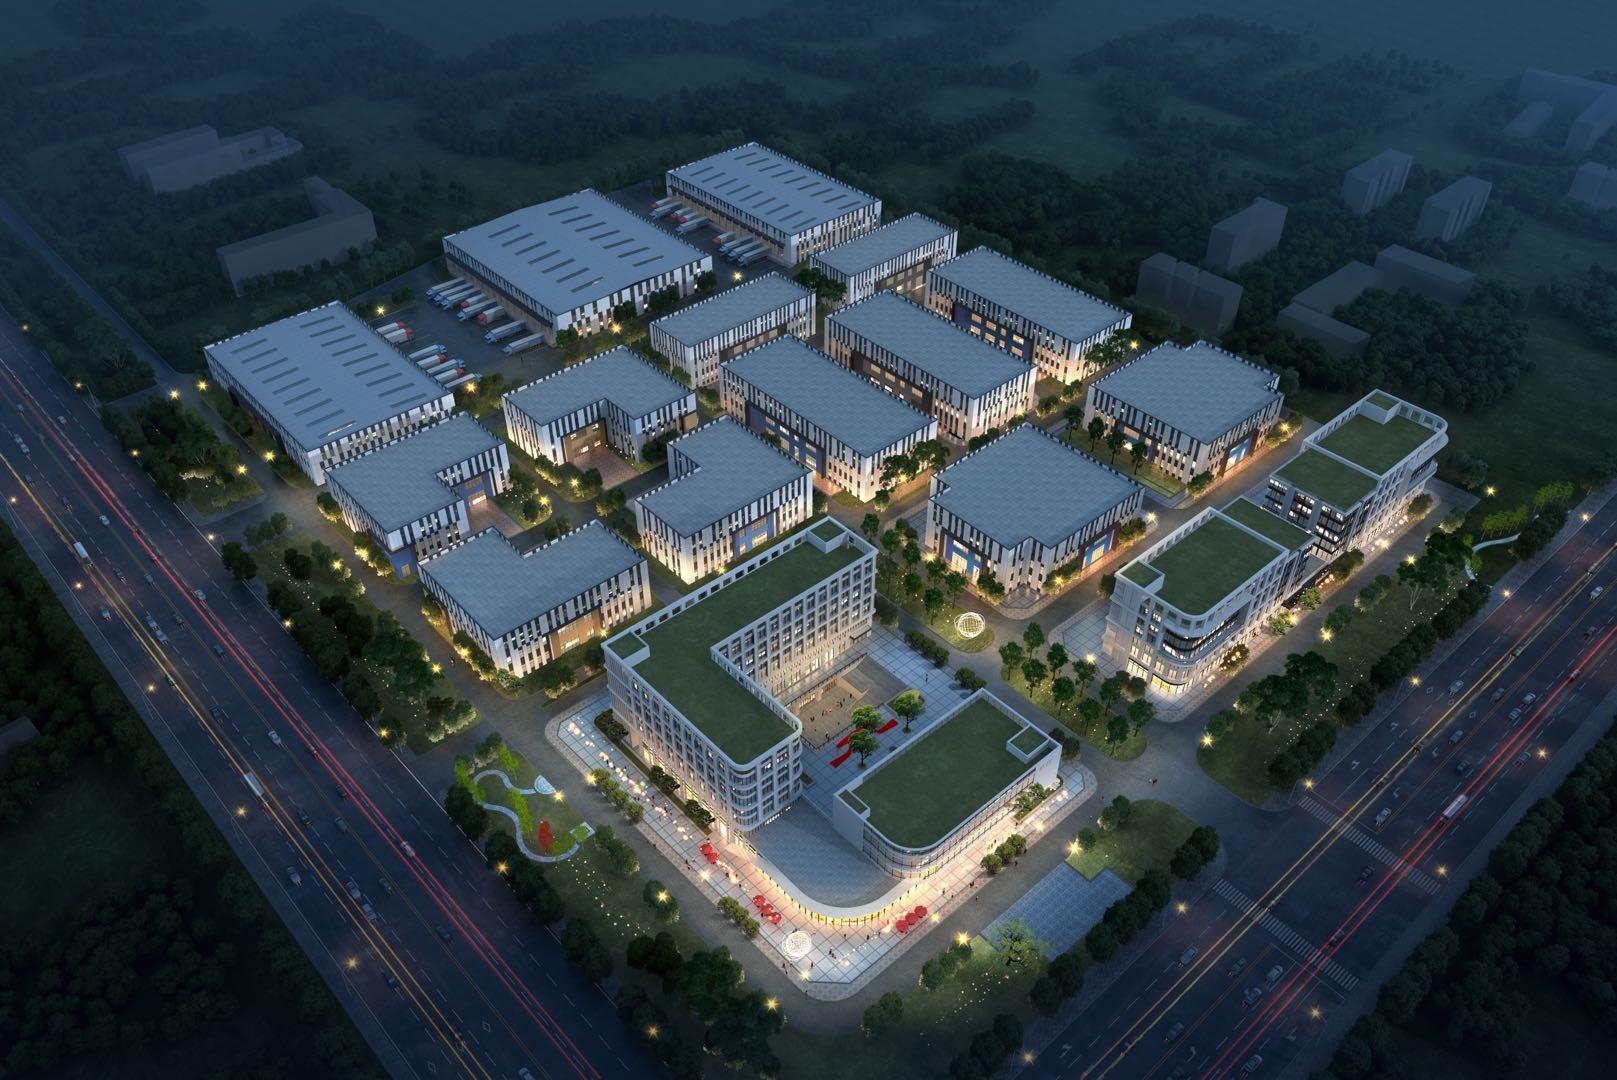 西咸新区空港新城国际医药健康产业园